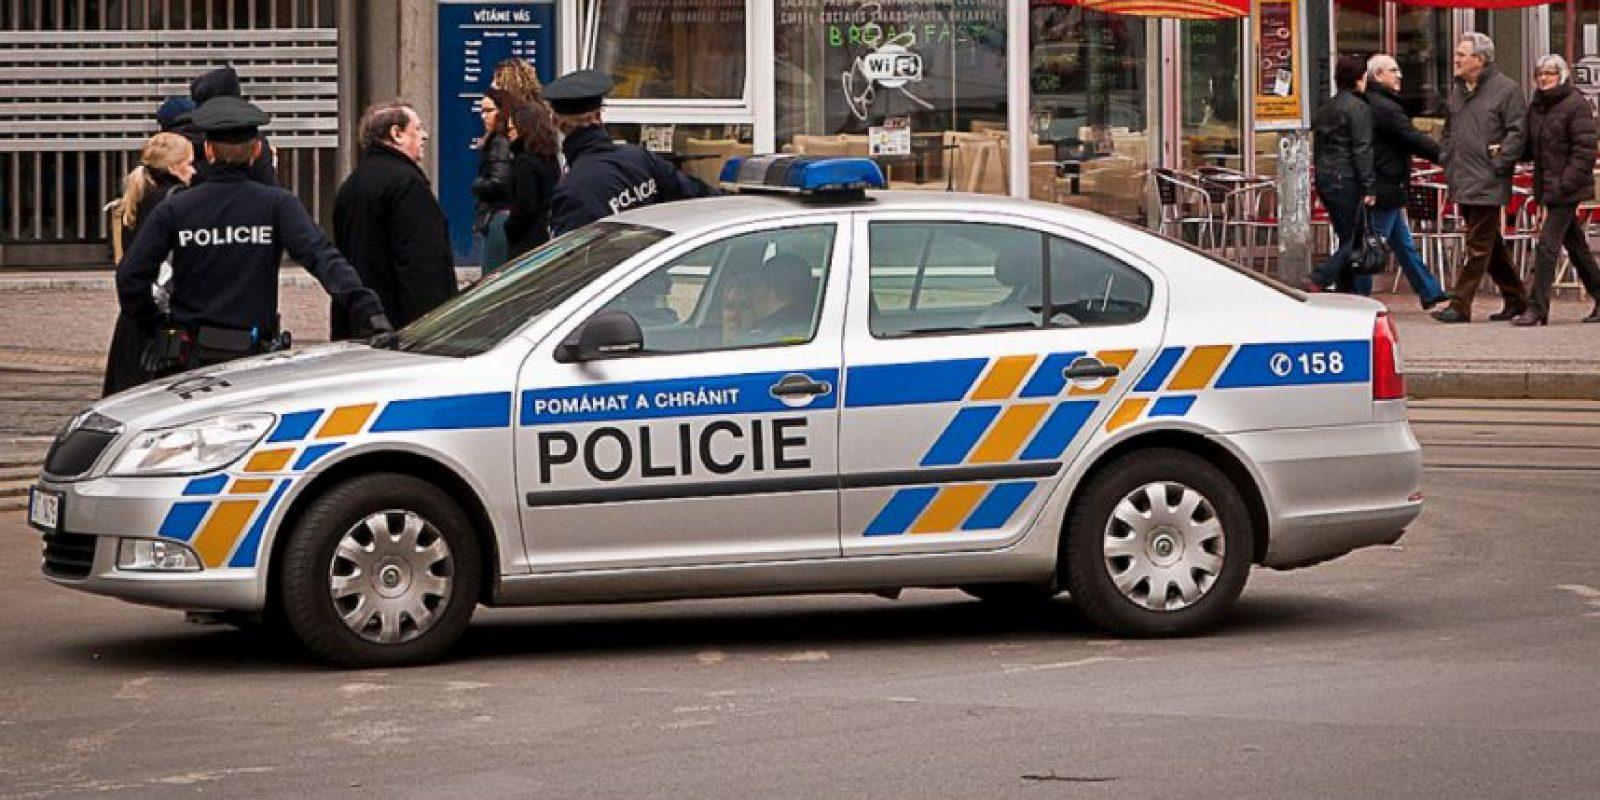 El hombre podría enfrentar a 2 años de prisión. Foto:Vía Flickr